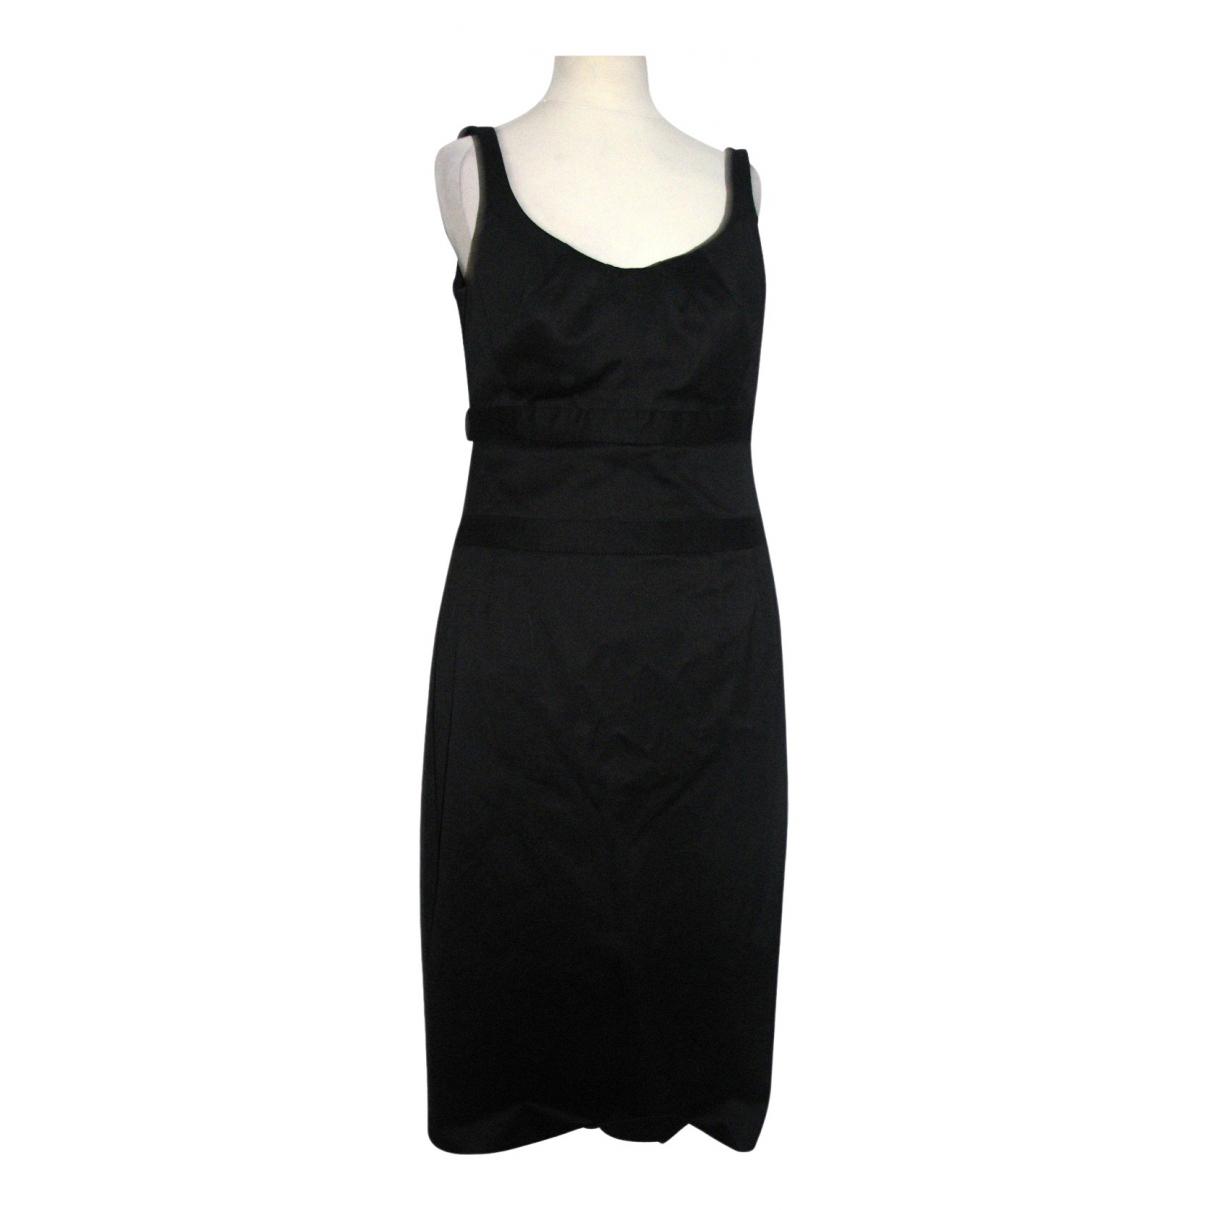 La Perla \N Kleid in  Schwarz Baumwolle - Elasthan